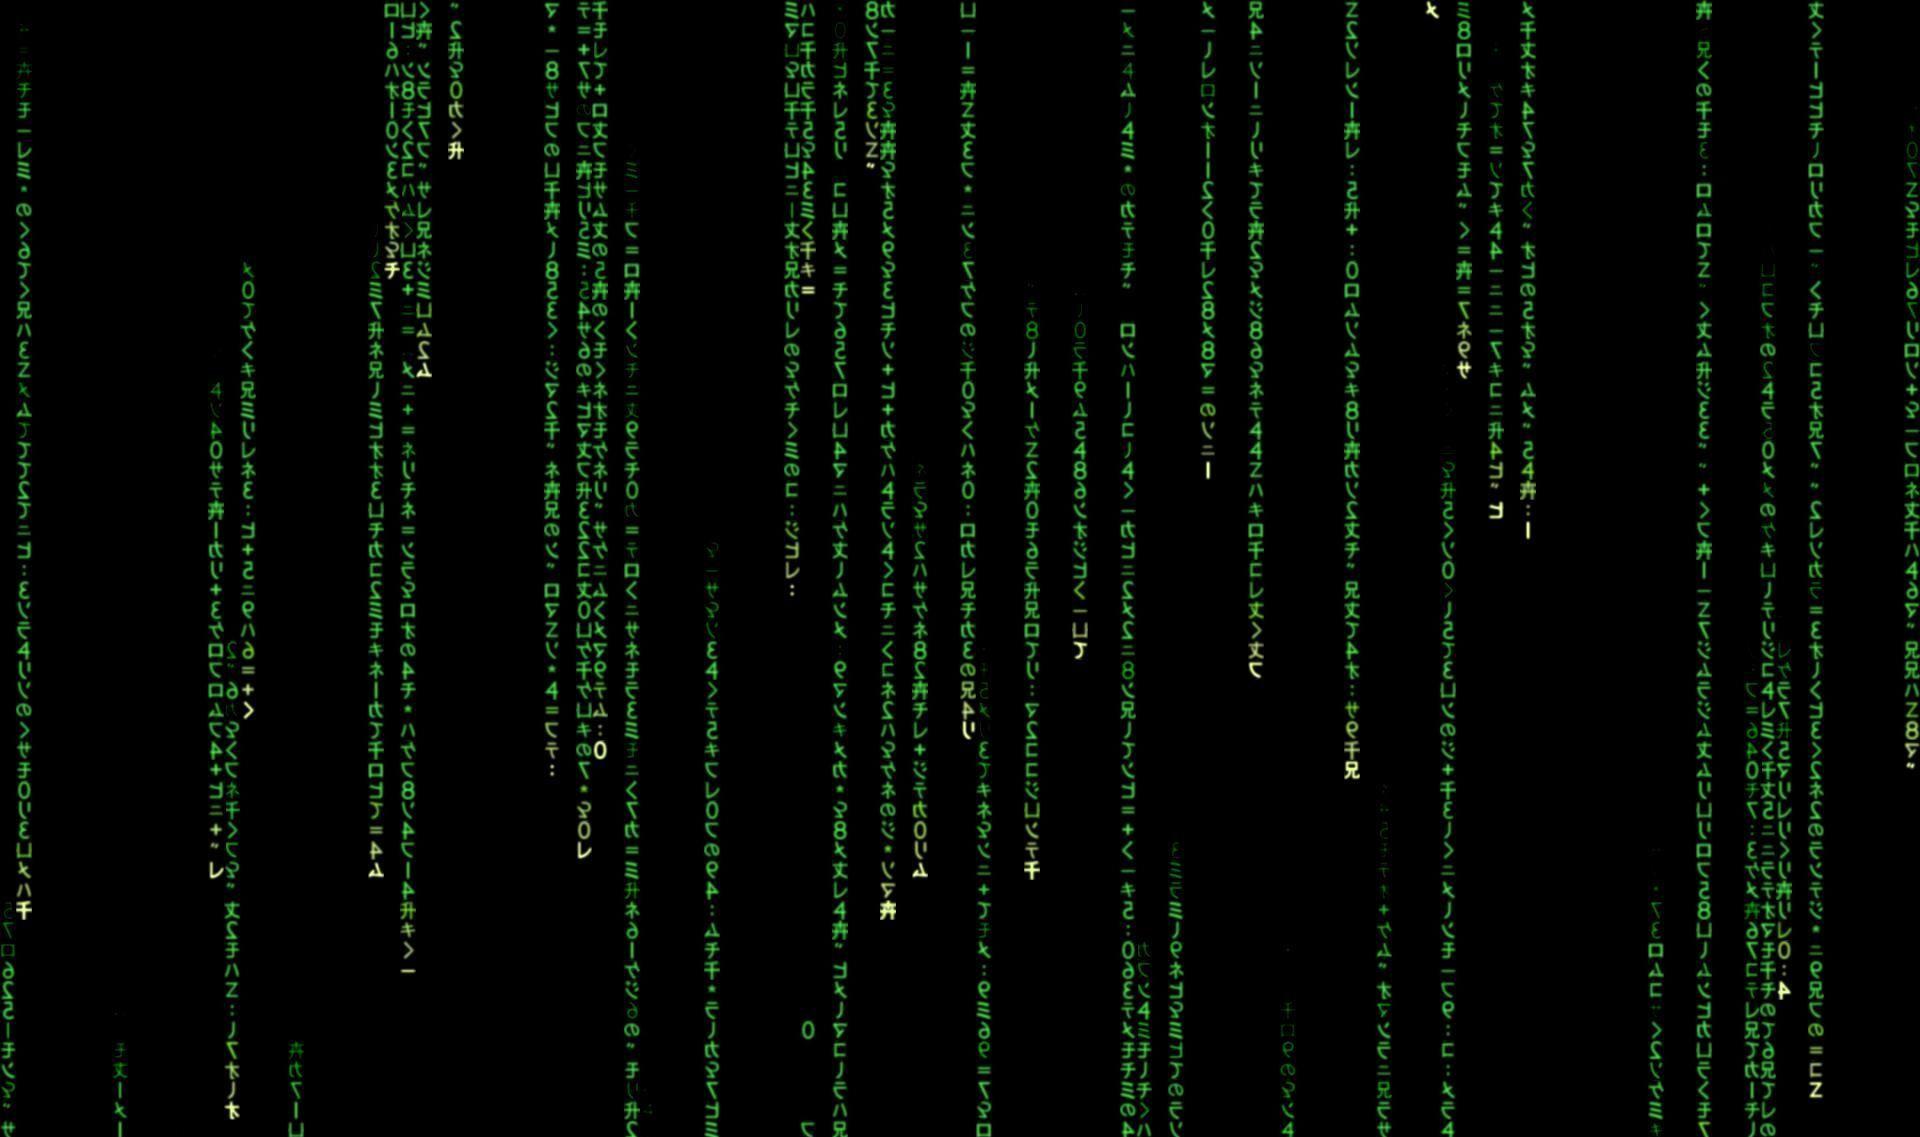 The Matrix Code - Digital Rain | Matrix | Computer wallpaper